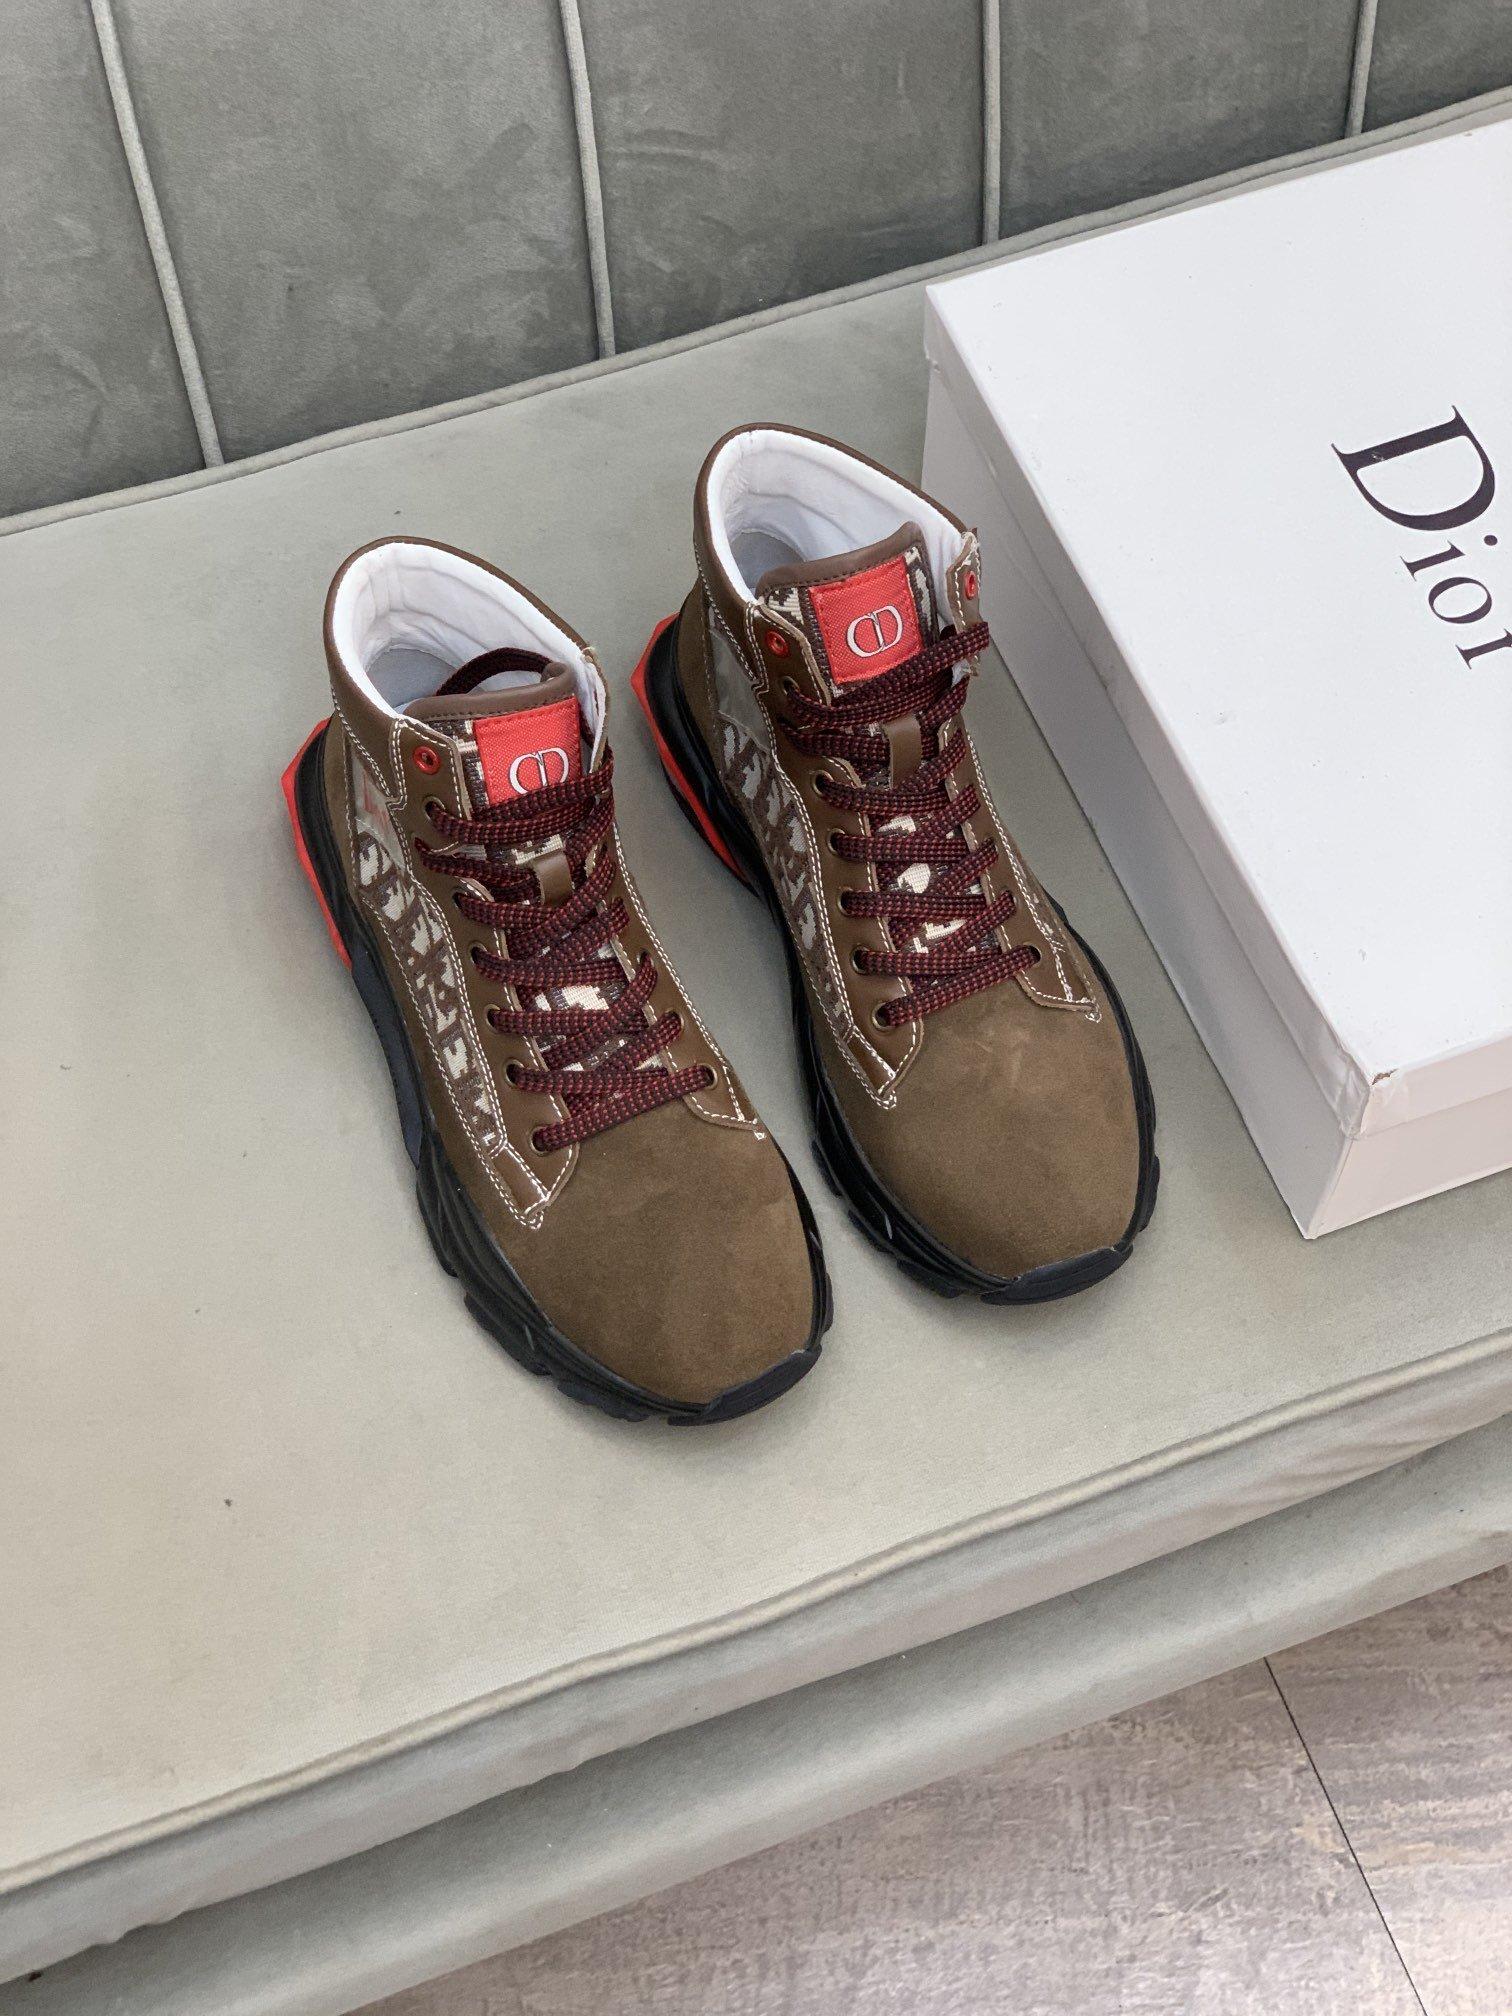 Dio*迪*高帮休闲鞋正码码数:38